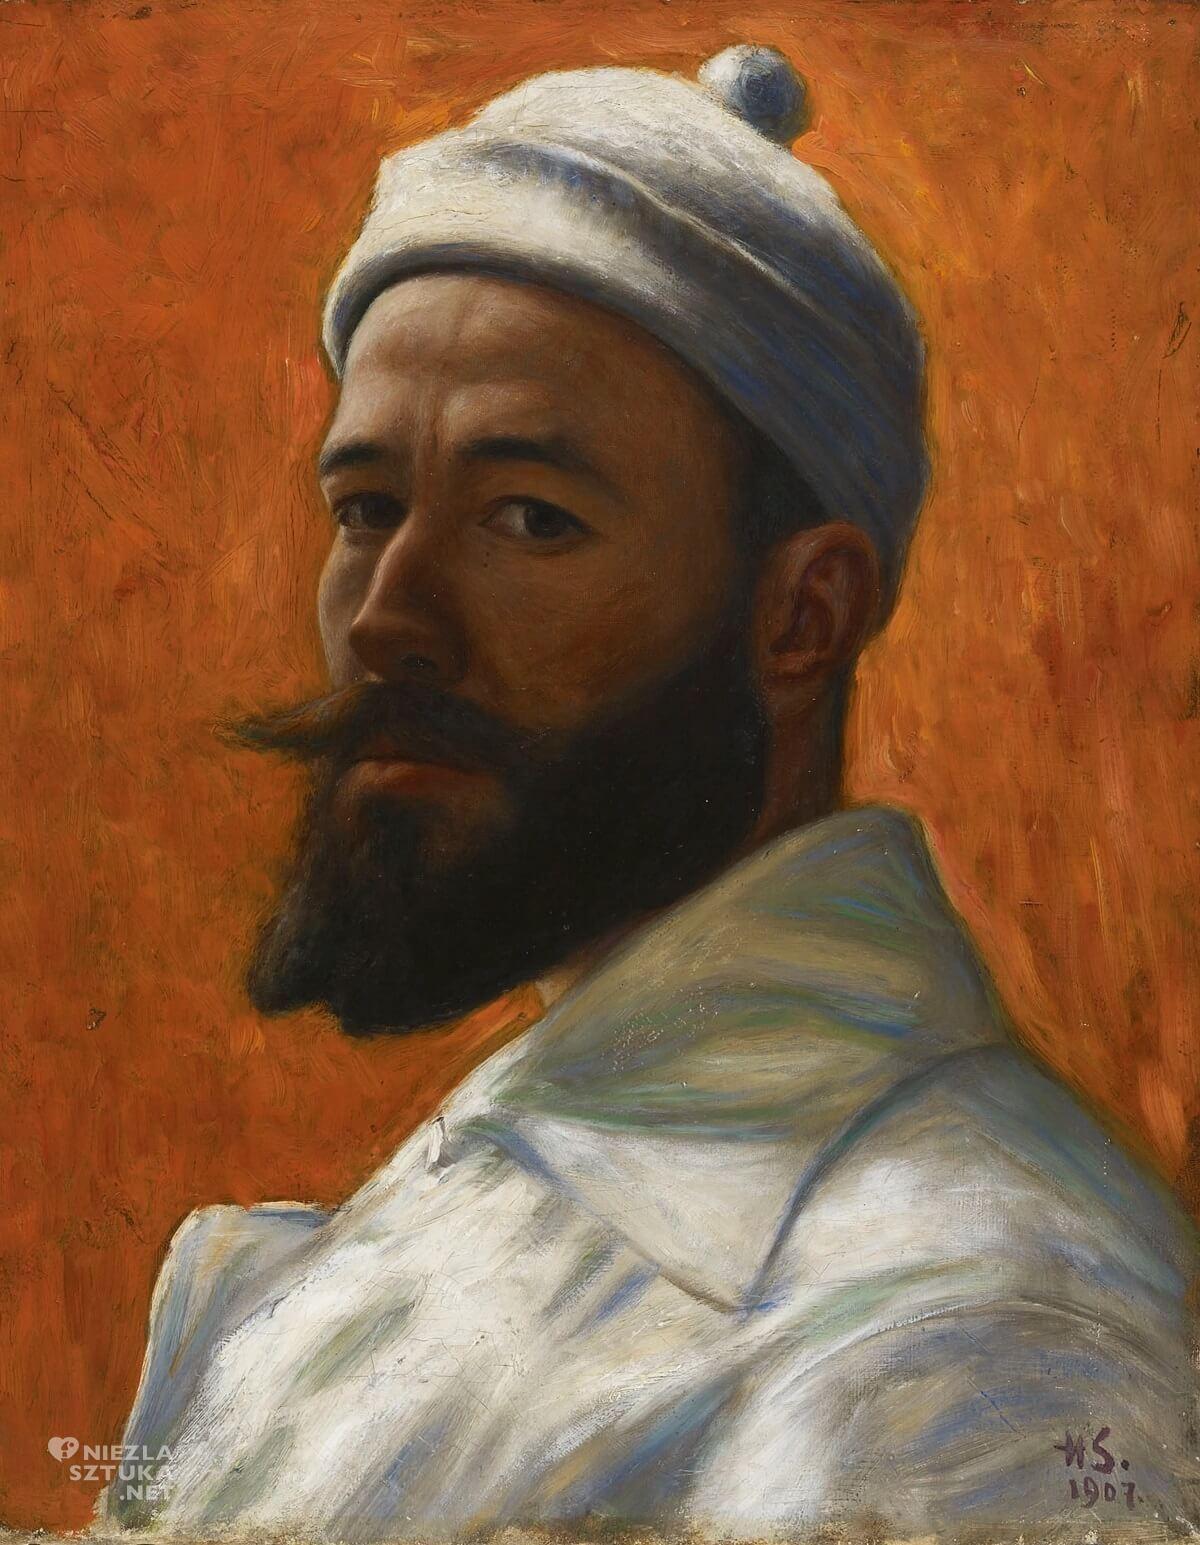 Hugo Simberg, malarz, autoportret, sztuka skandynawska, Niezła sztuka